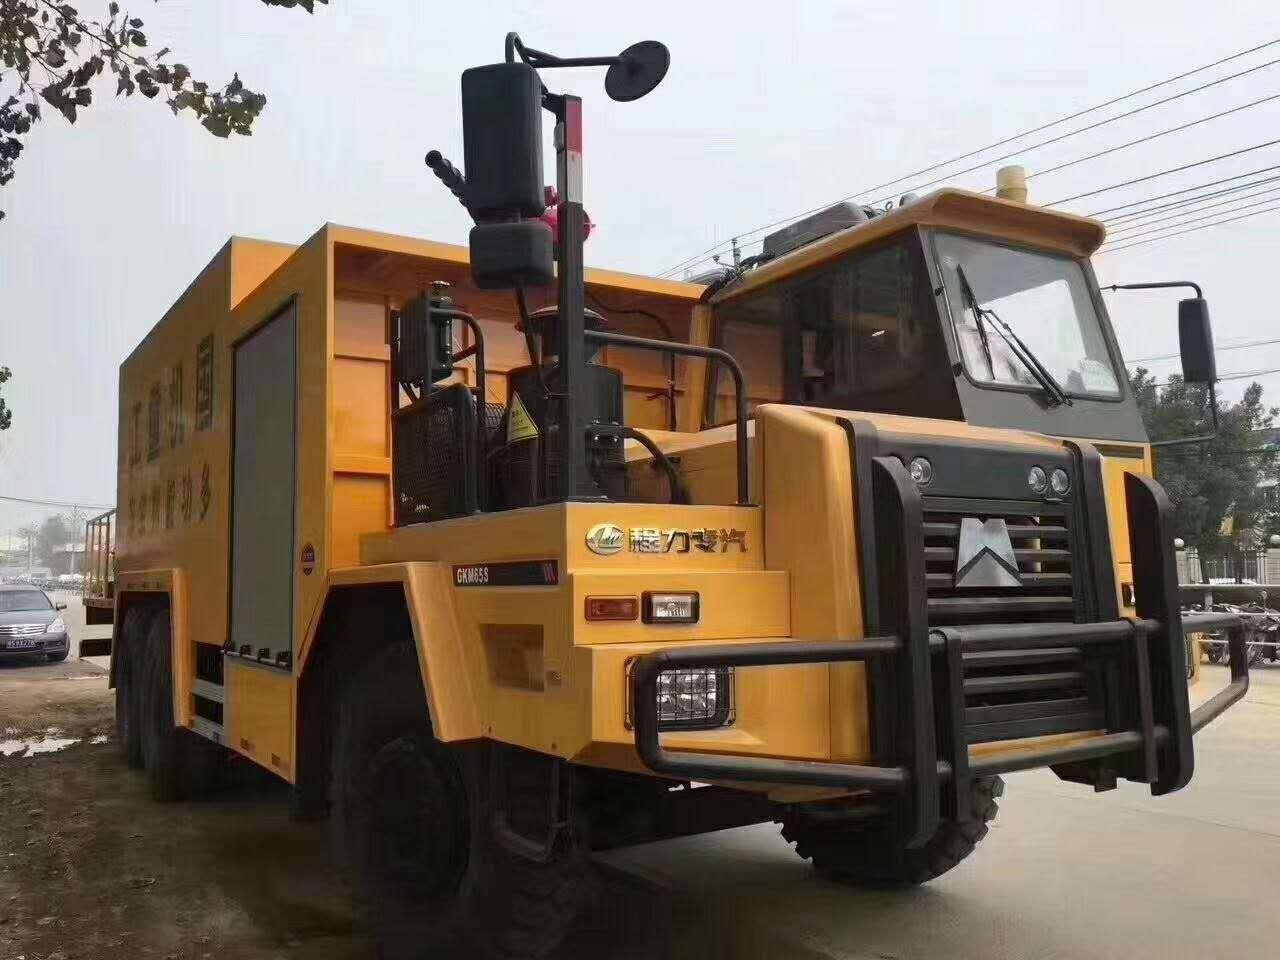 重汽380馬力國三礦山專用多功能抑塵車霧炮車,中航奧龍上裝